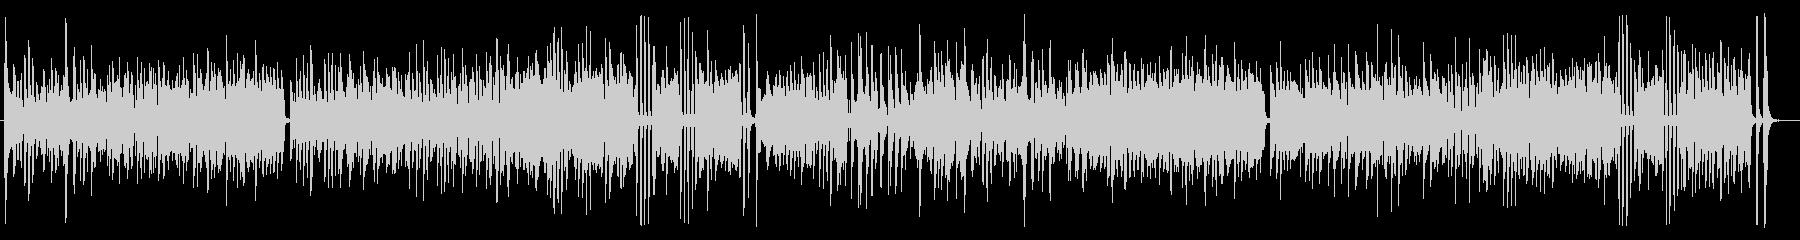 ベートーベンのピアノソナタをピアノソロでの未再生の波形